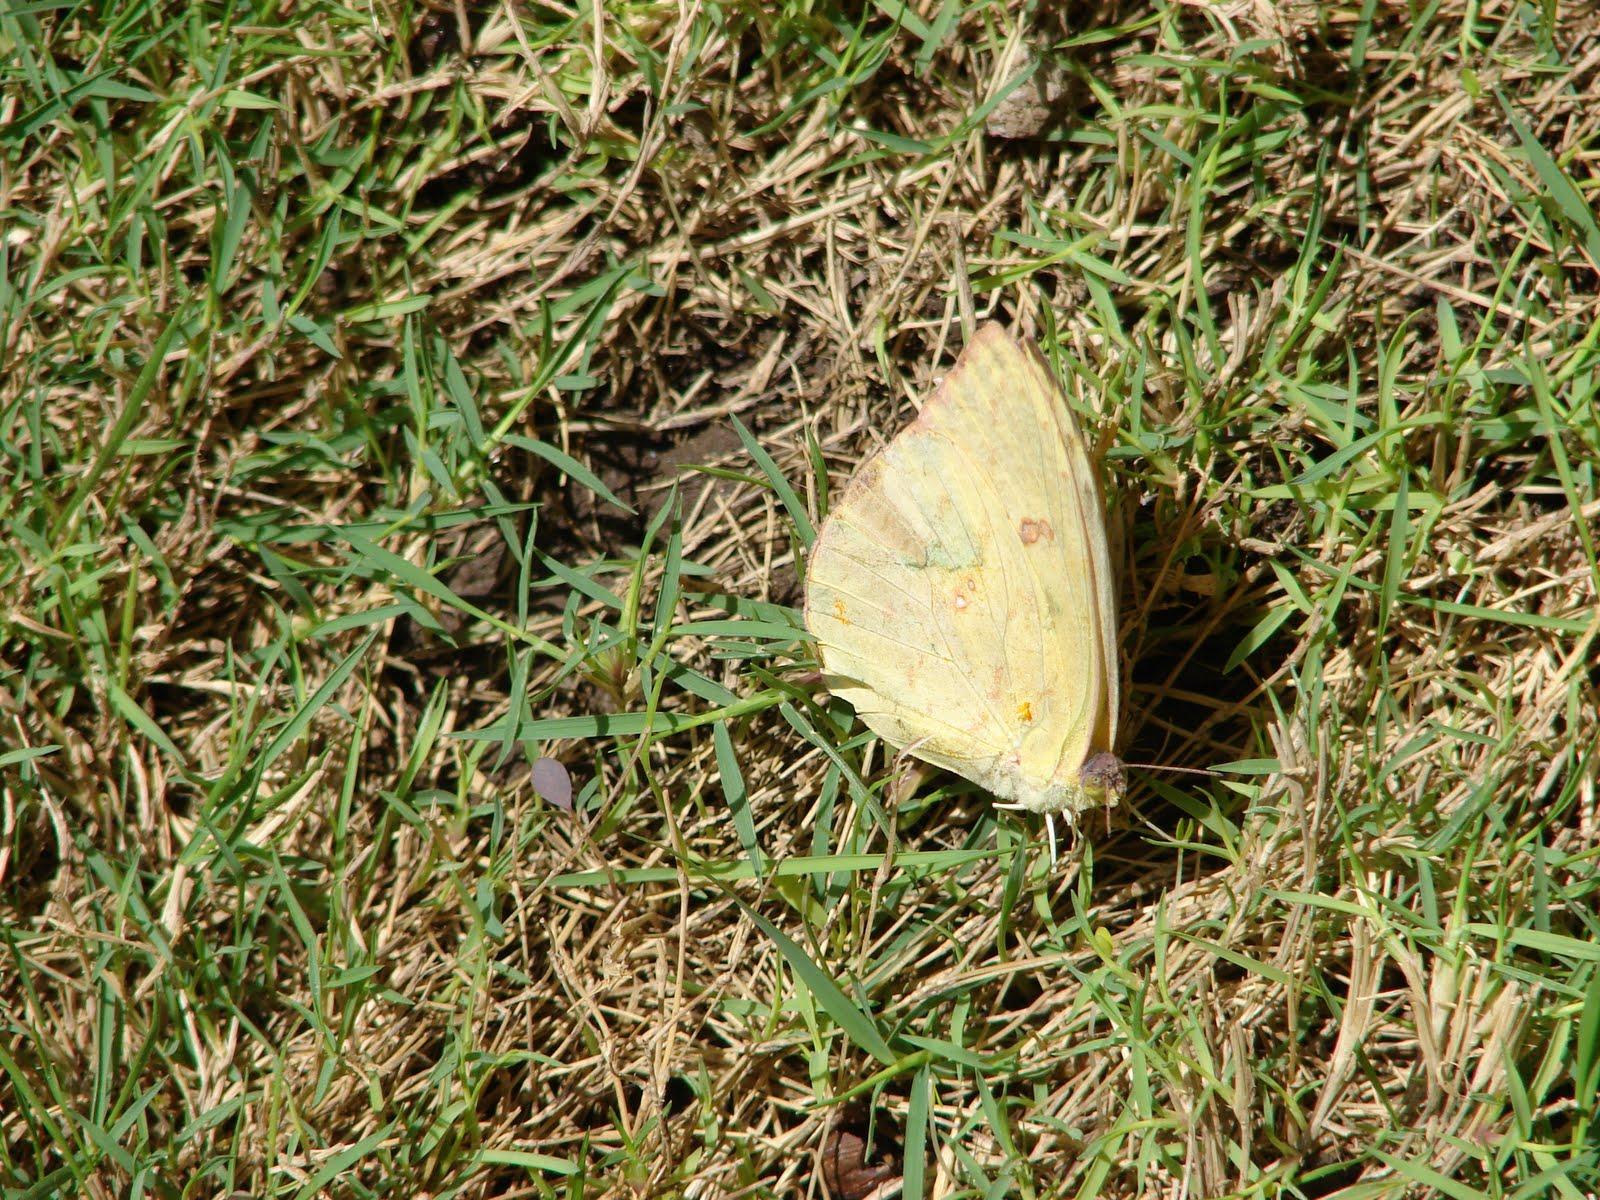 16-FEBRERO--17-18-19-20-21...2011-Mariposa Amarilla con dibujos ET,Ovni en sus ALAS sec ALIENES